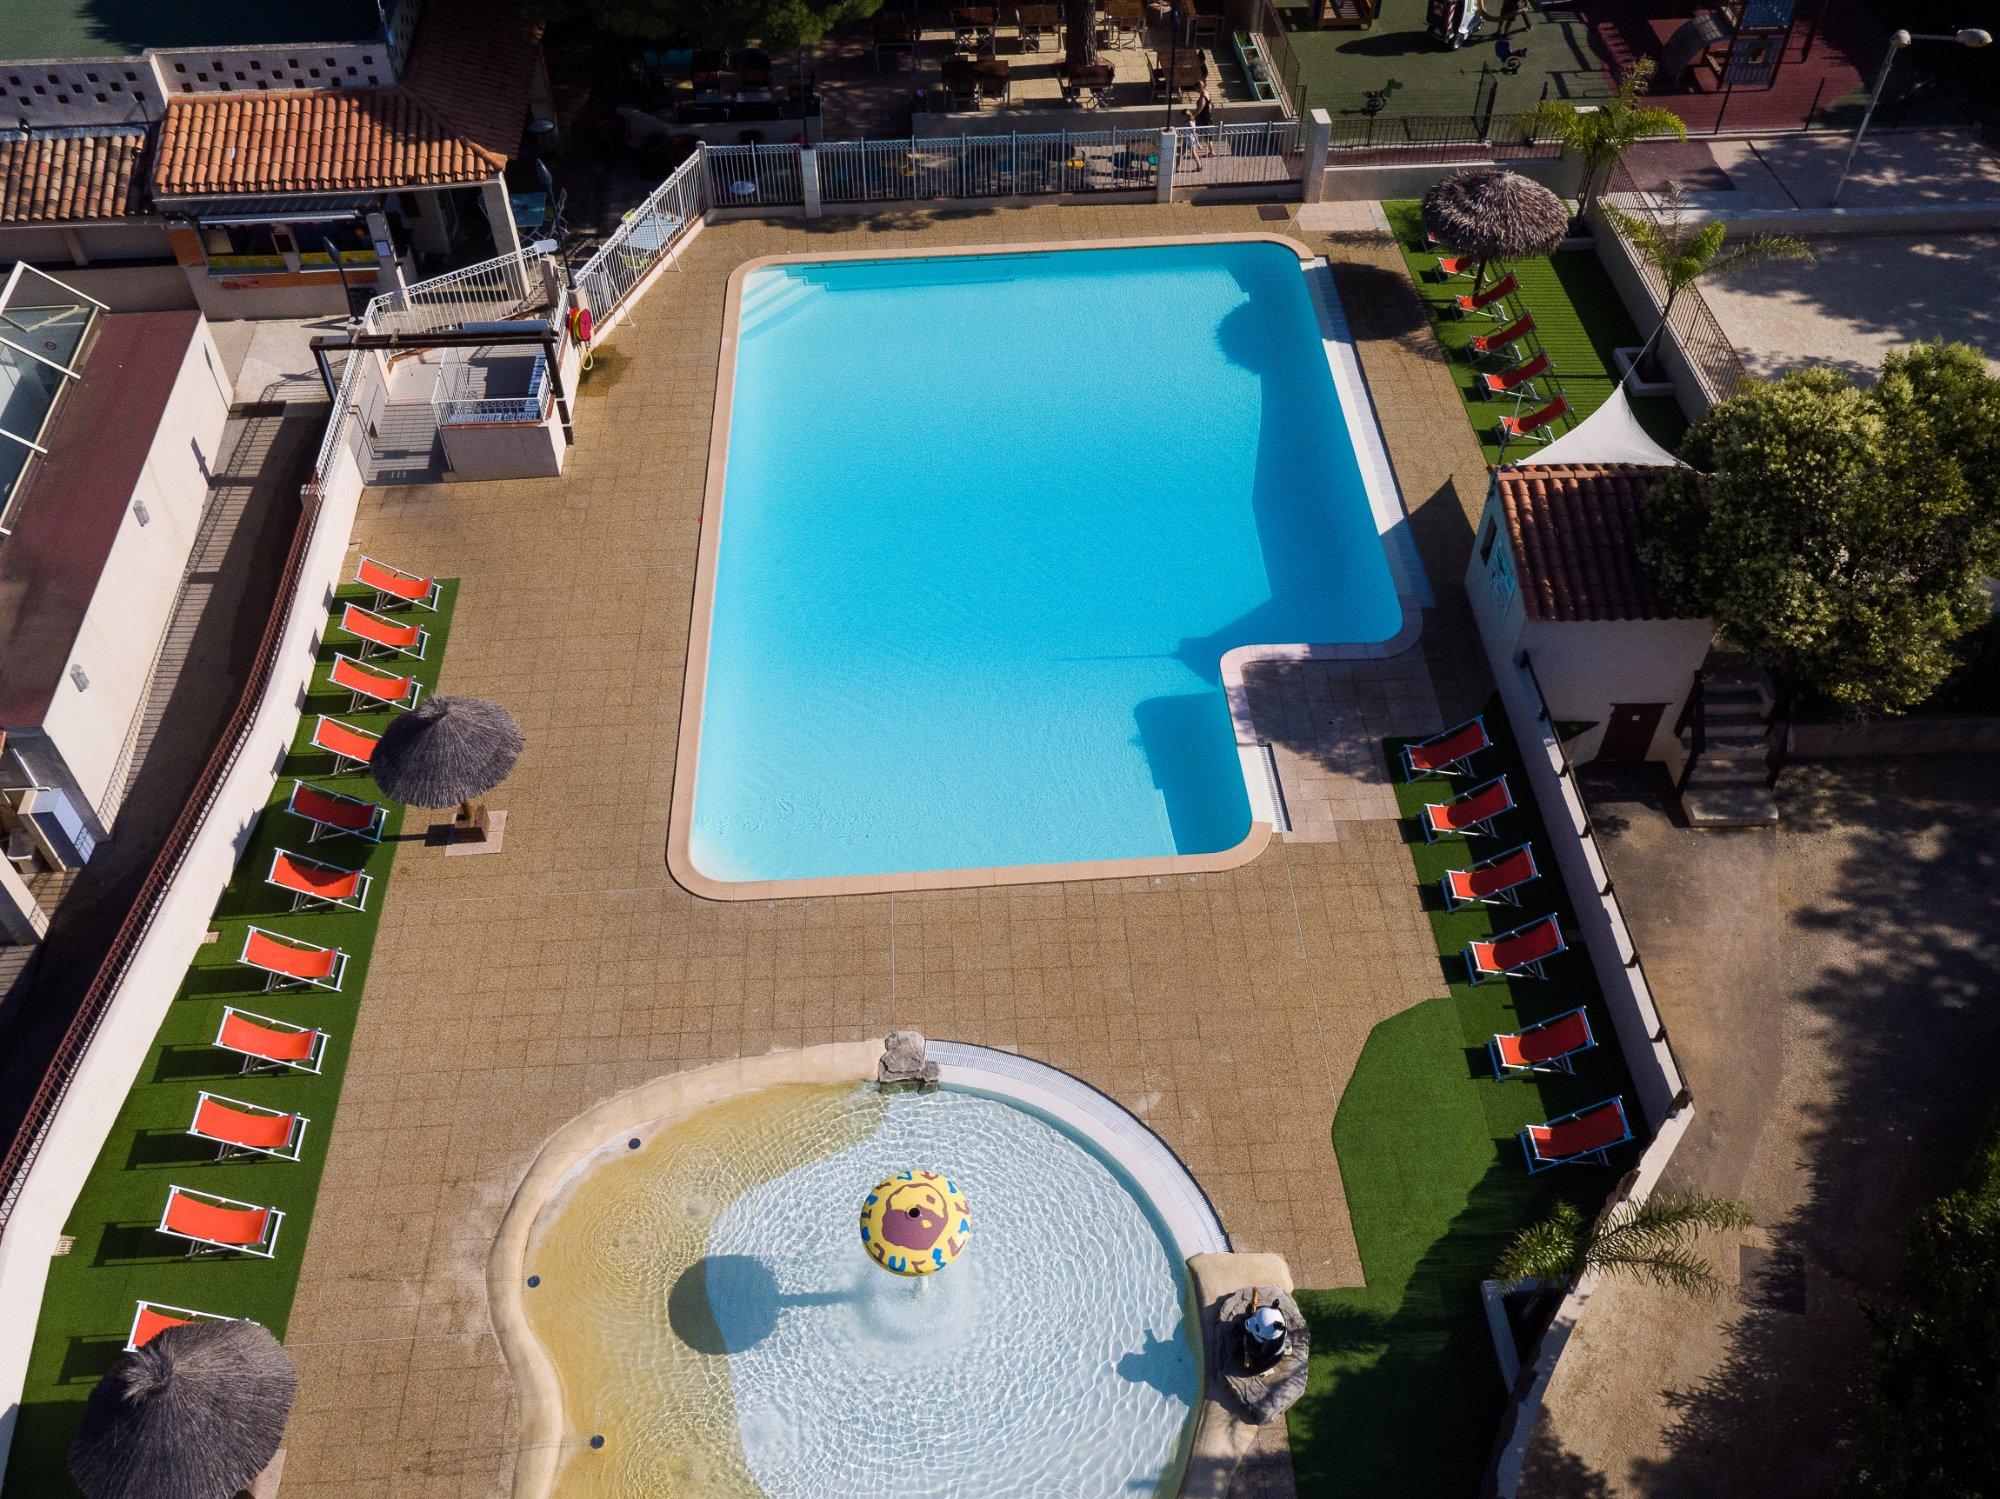 Parc mogador sanary sur mer france voir les tarifs et for Camping sanary sur mer avec piscine